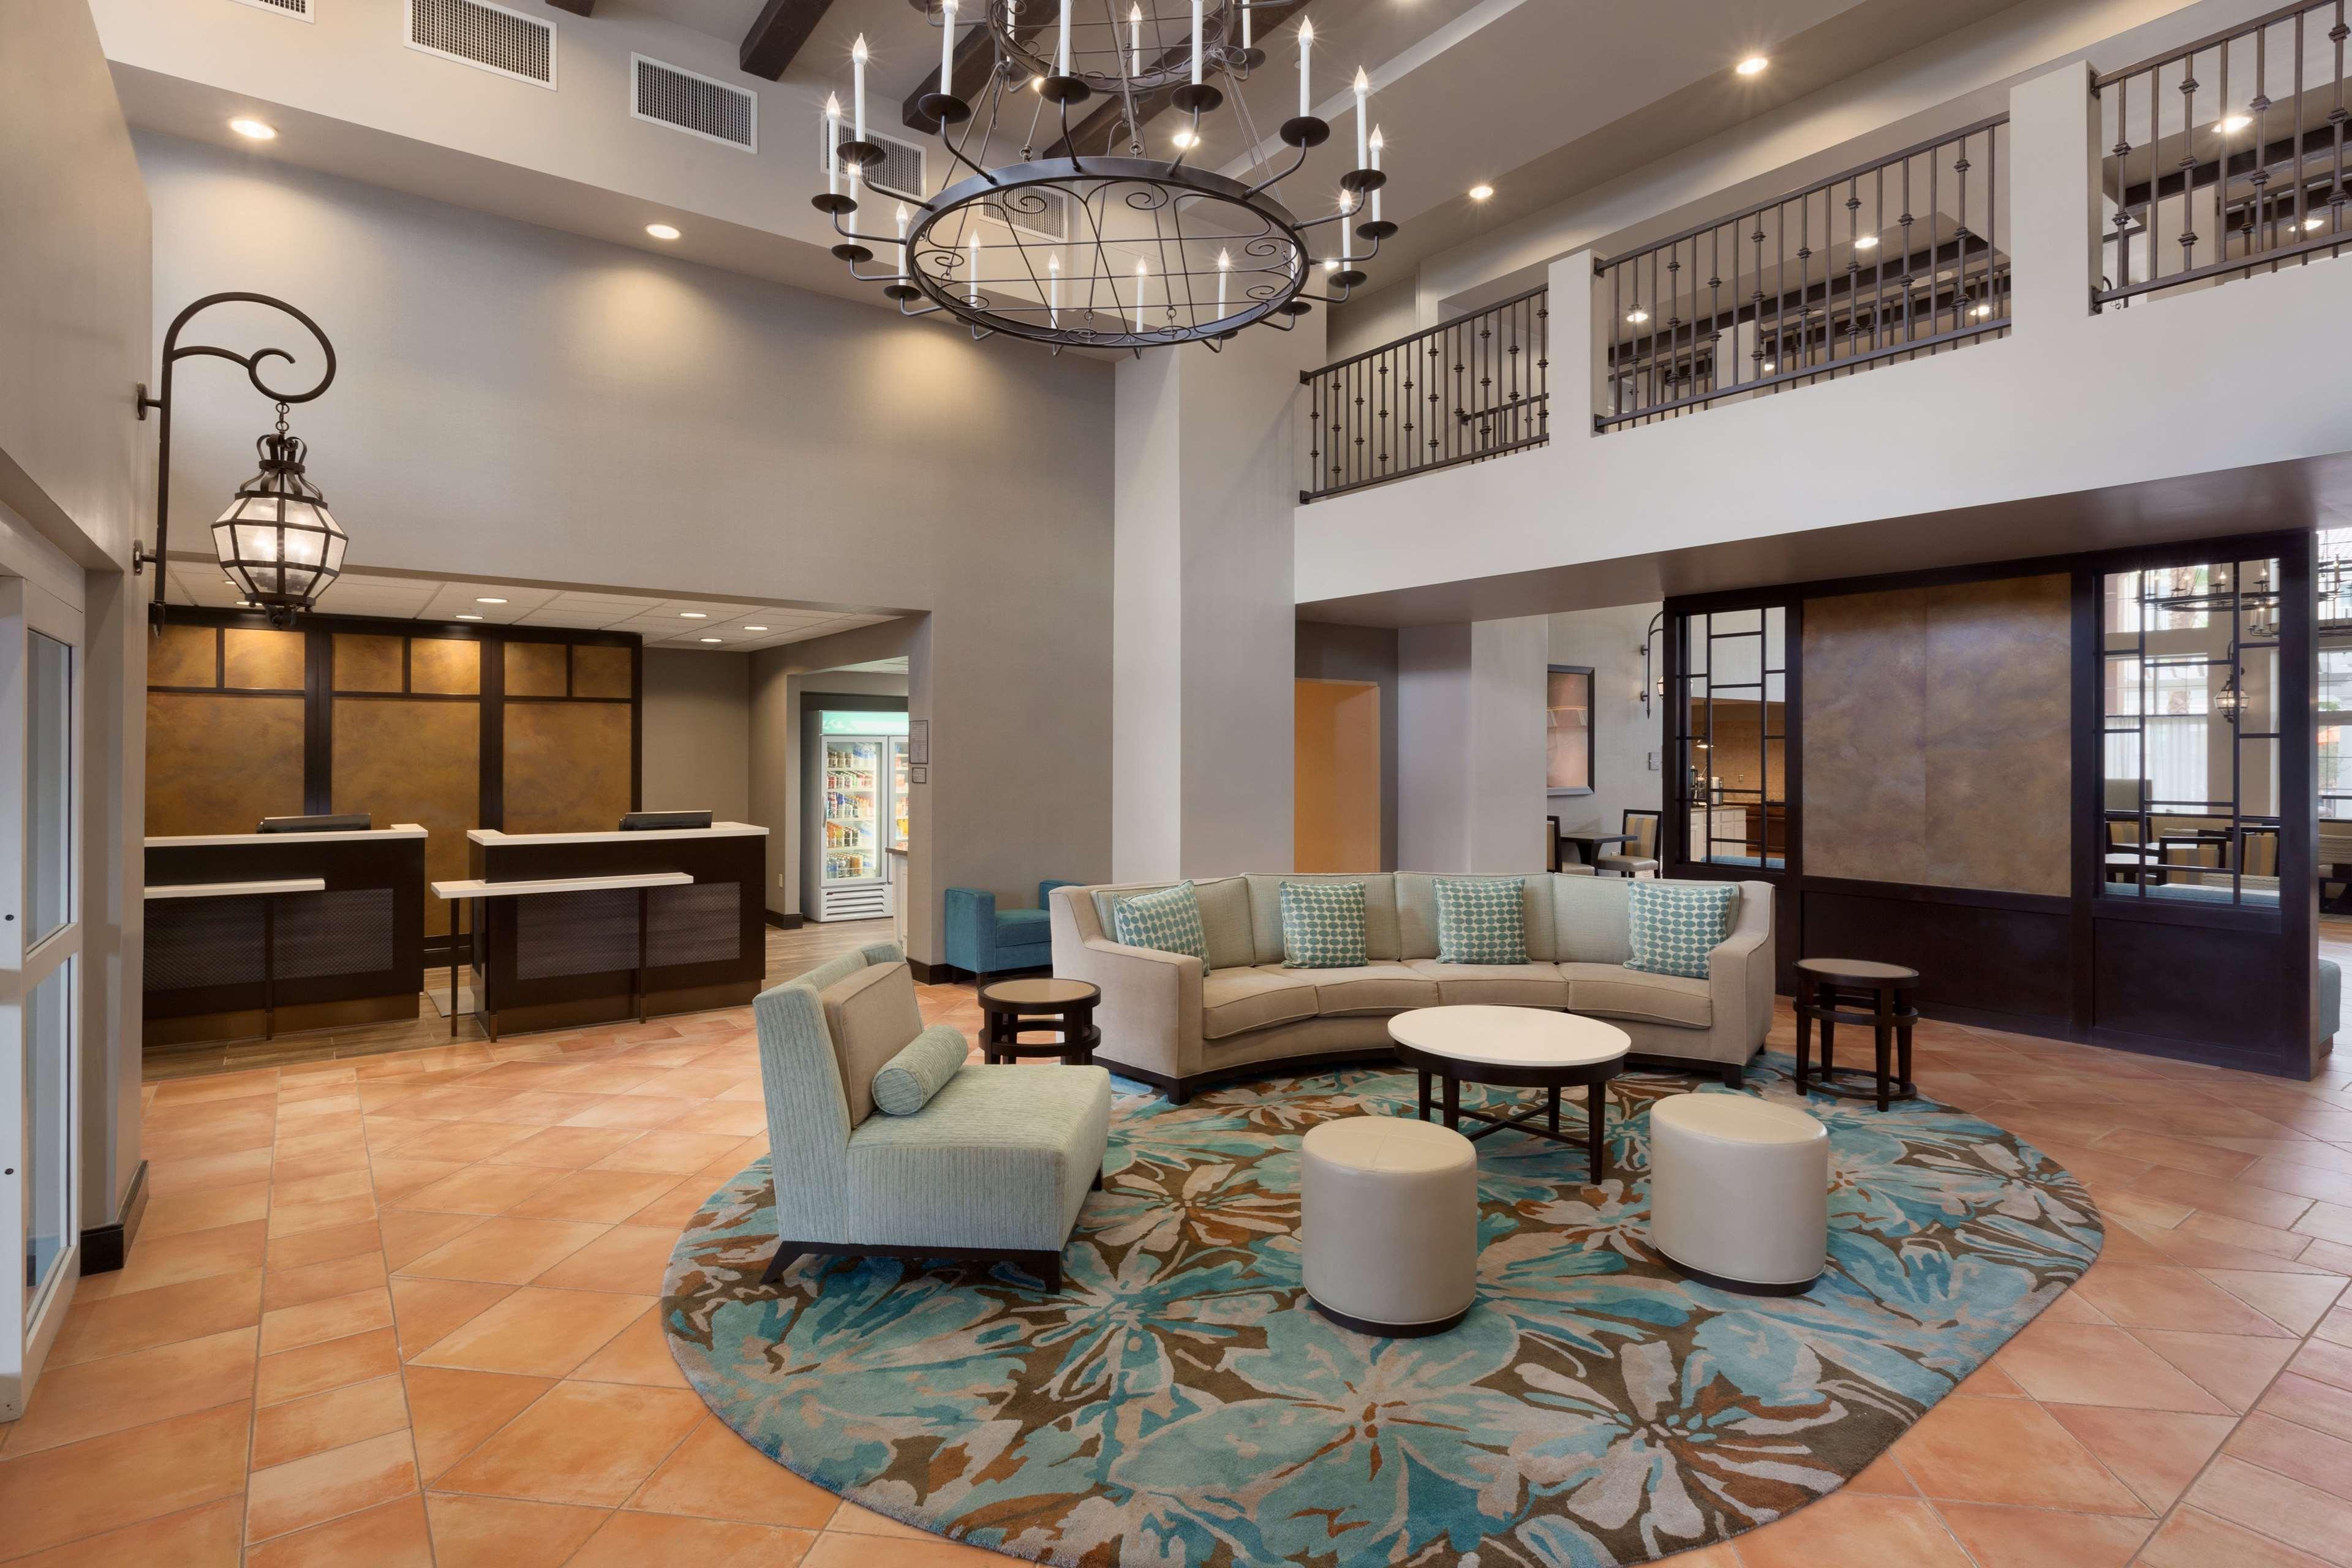 Homewood Suites by Hilton La Quinta image 6